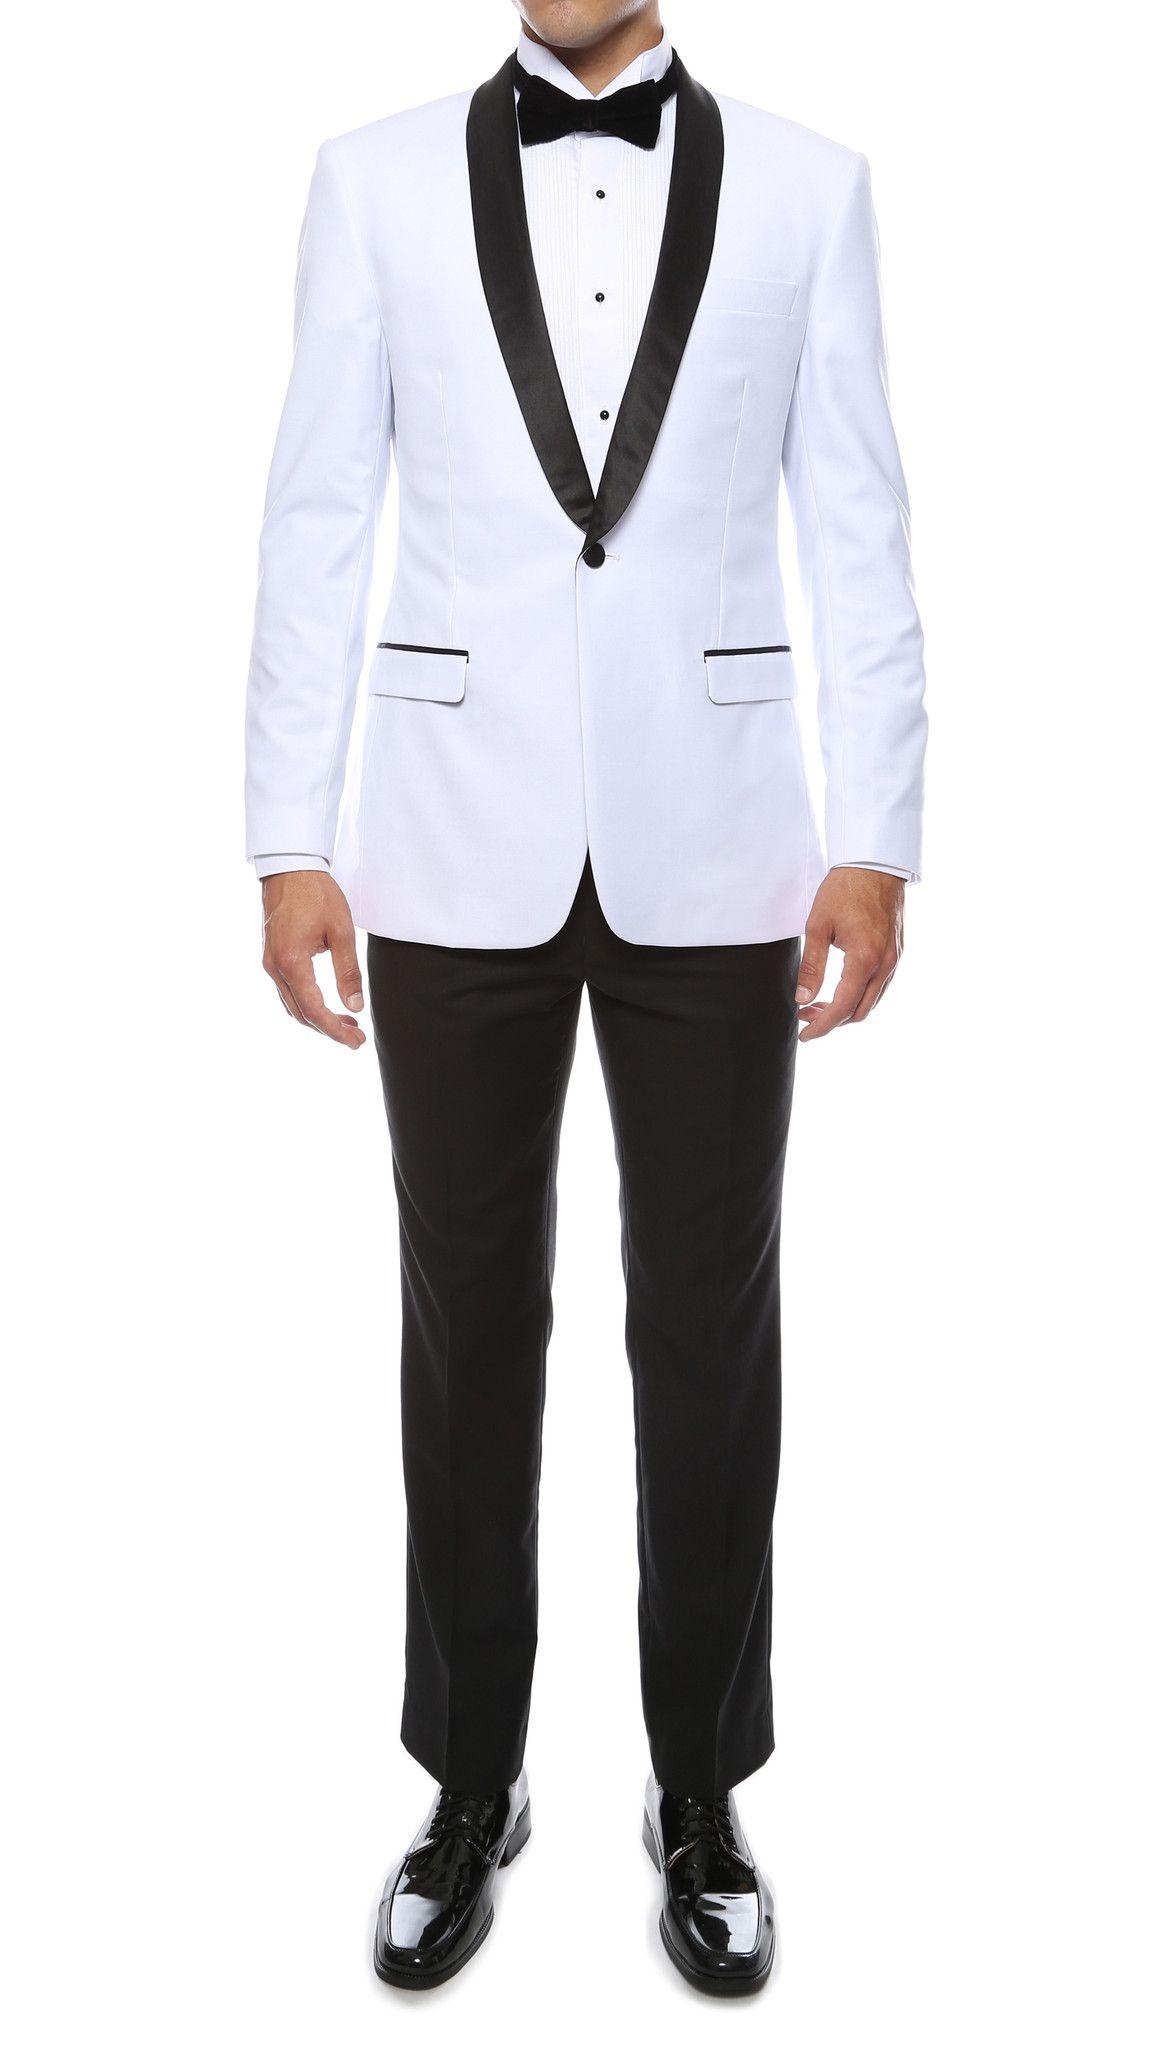 The Reno Mens White Shawl Collar 2pc Tuxedo